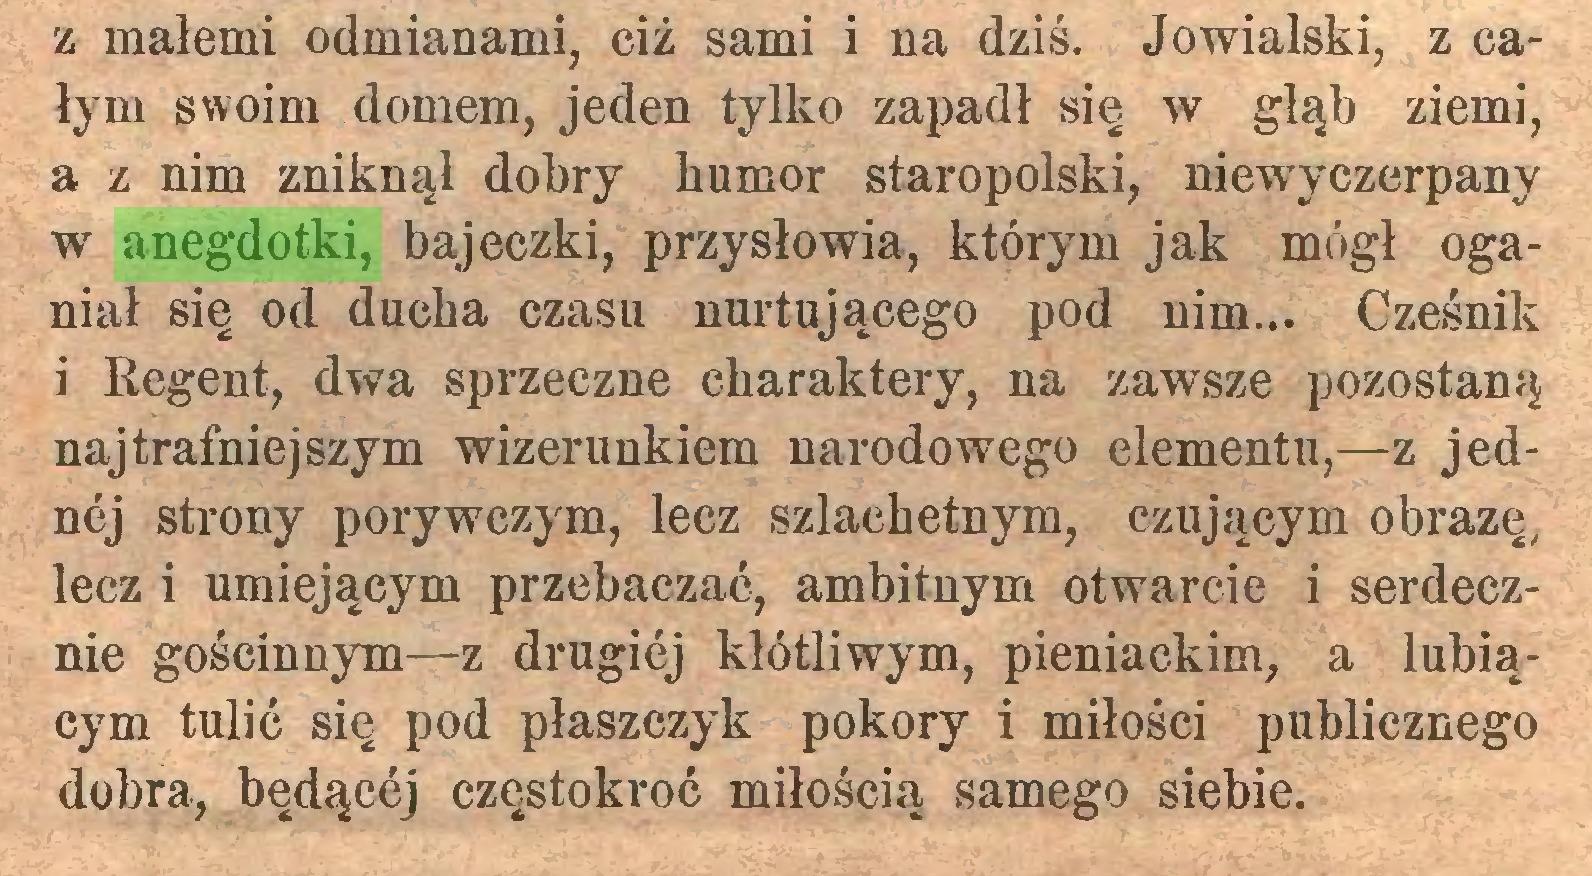 (...) z małemi odmianami, ciż sami i na dziś. Jowialski, z całym swoim domem, jeden tylko zapadł się w głąb ziemi, a z nim zniknął dobry humor staropolski, niewyczerpany w anegdotki, bajeczki, przysłowia, którym jak mógł oganiał się od ducha czasu nurtującego pod nim... Cześnik i Regent, dwa sprzeczne charaktery, na zawsze pozostaną najtrafniejszym wizerunkiem narodowego elementu,—z jednej strony porywczym, lecz szlachetnym, czującym obrazę, lecz i umiejącym przebaczać, ambitnym otwarcie i serdecznie gościnnym—z drugiej kłótliwym, pieniackim, a lubiącym tulić się pod płaszczyk pokory i miłości publicznego dobra, będącej częstokroć miłością samego siebie...